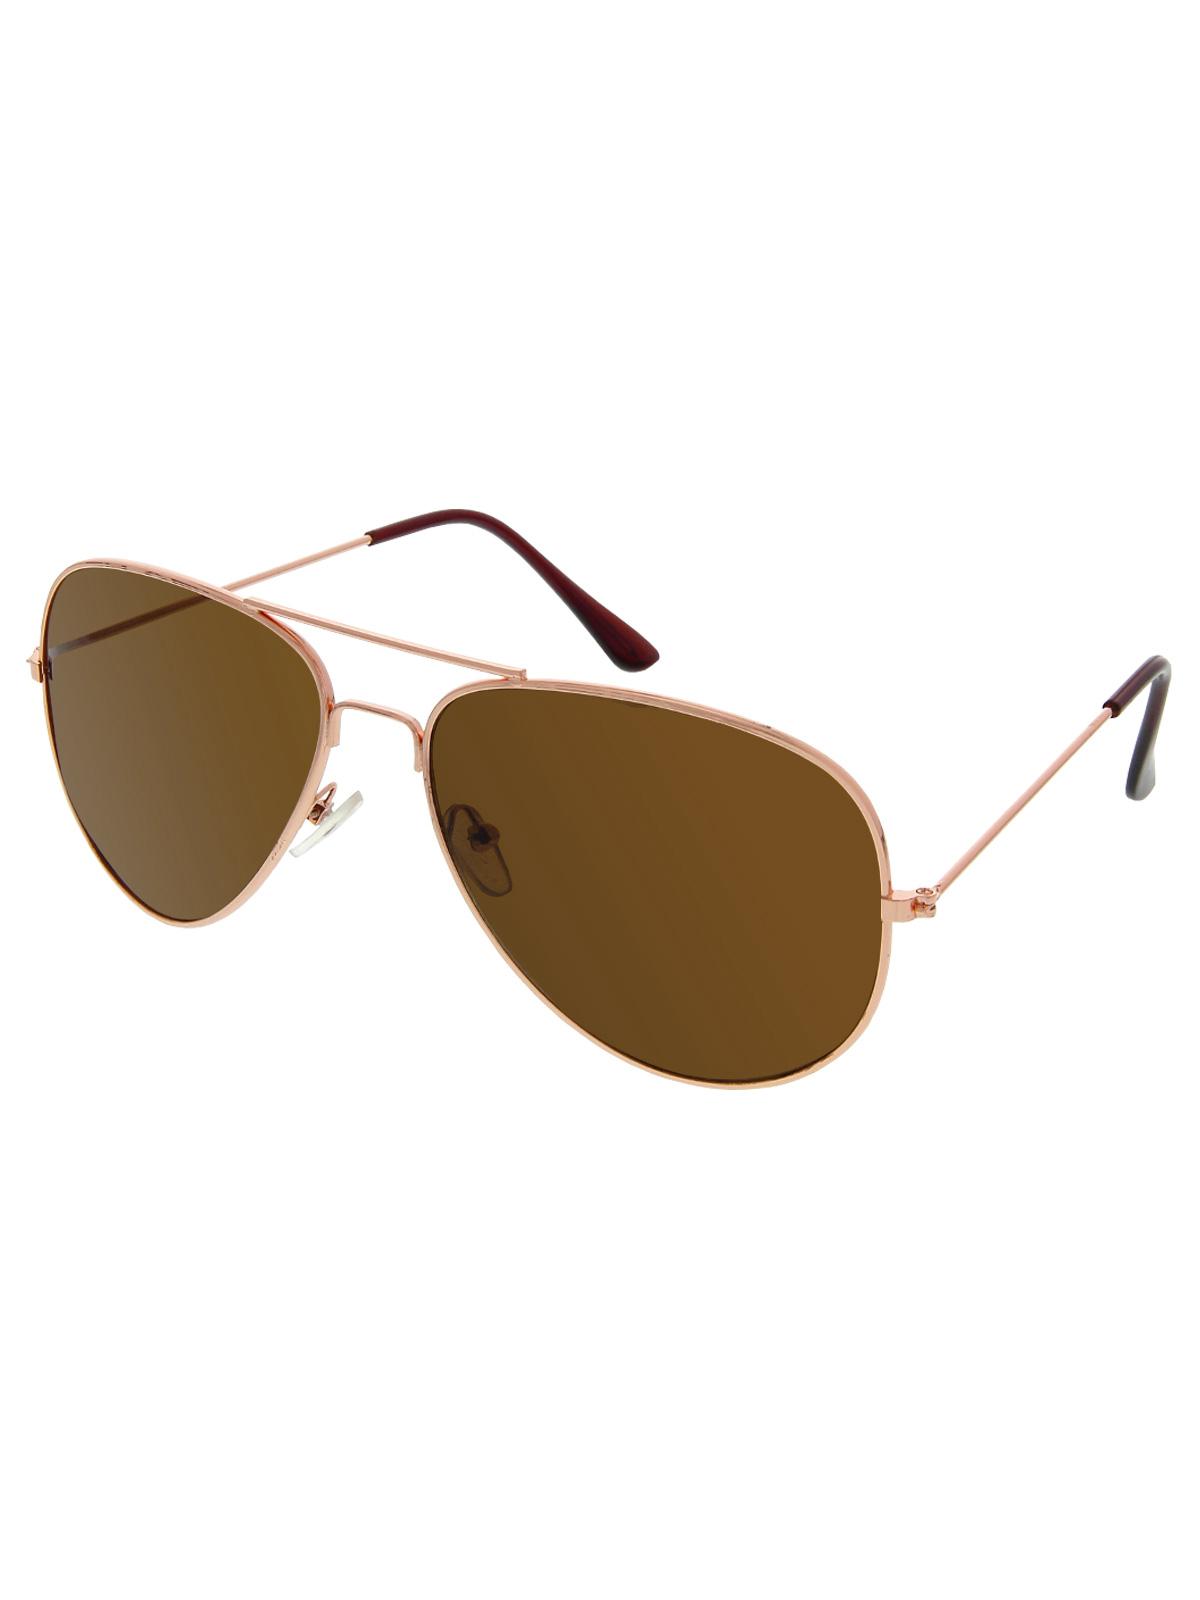 Sluneční brýle Pilotky zlaté obroučky hnědé